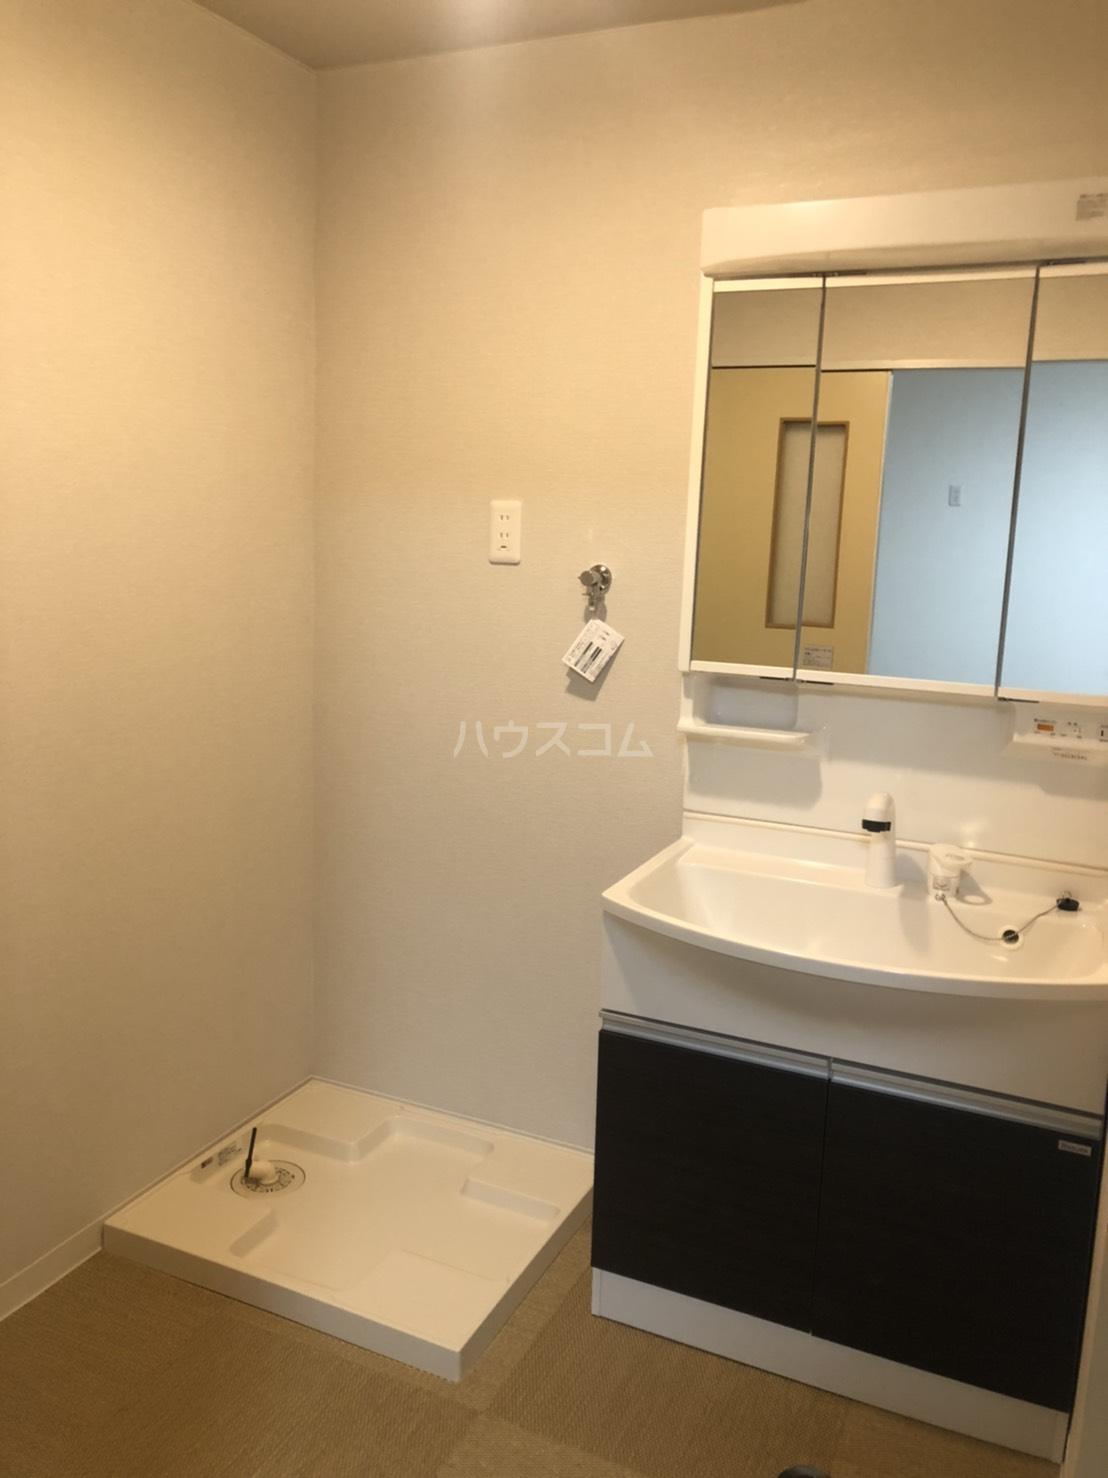 アピカル千王 405号室の洗面所